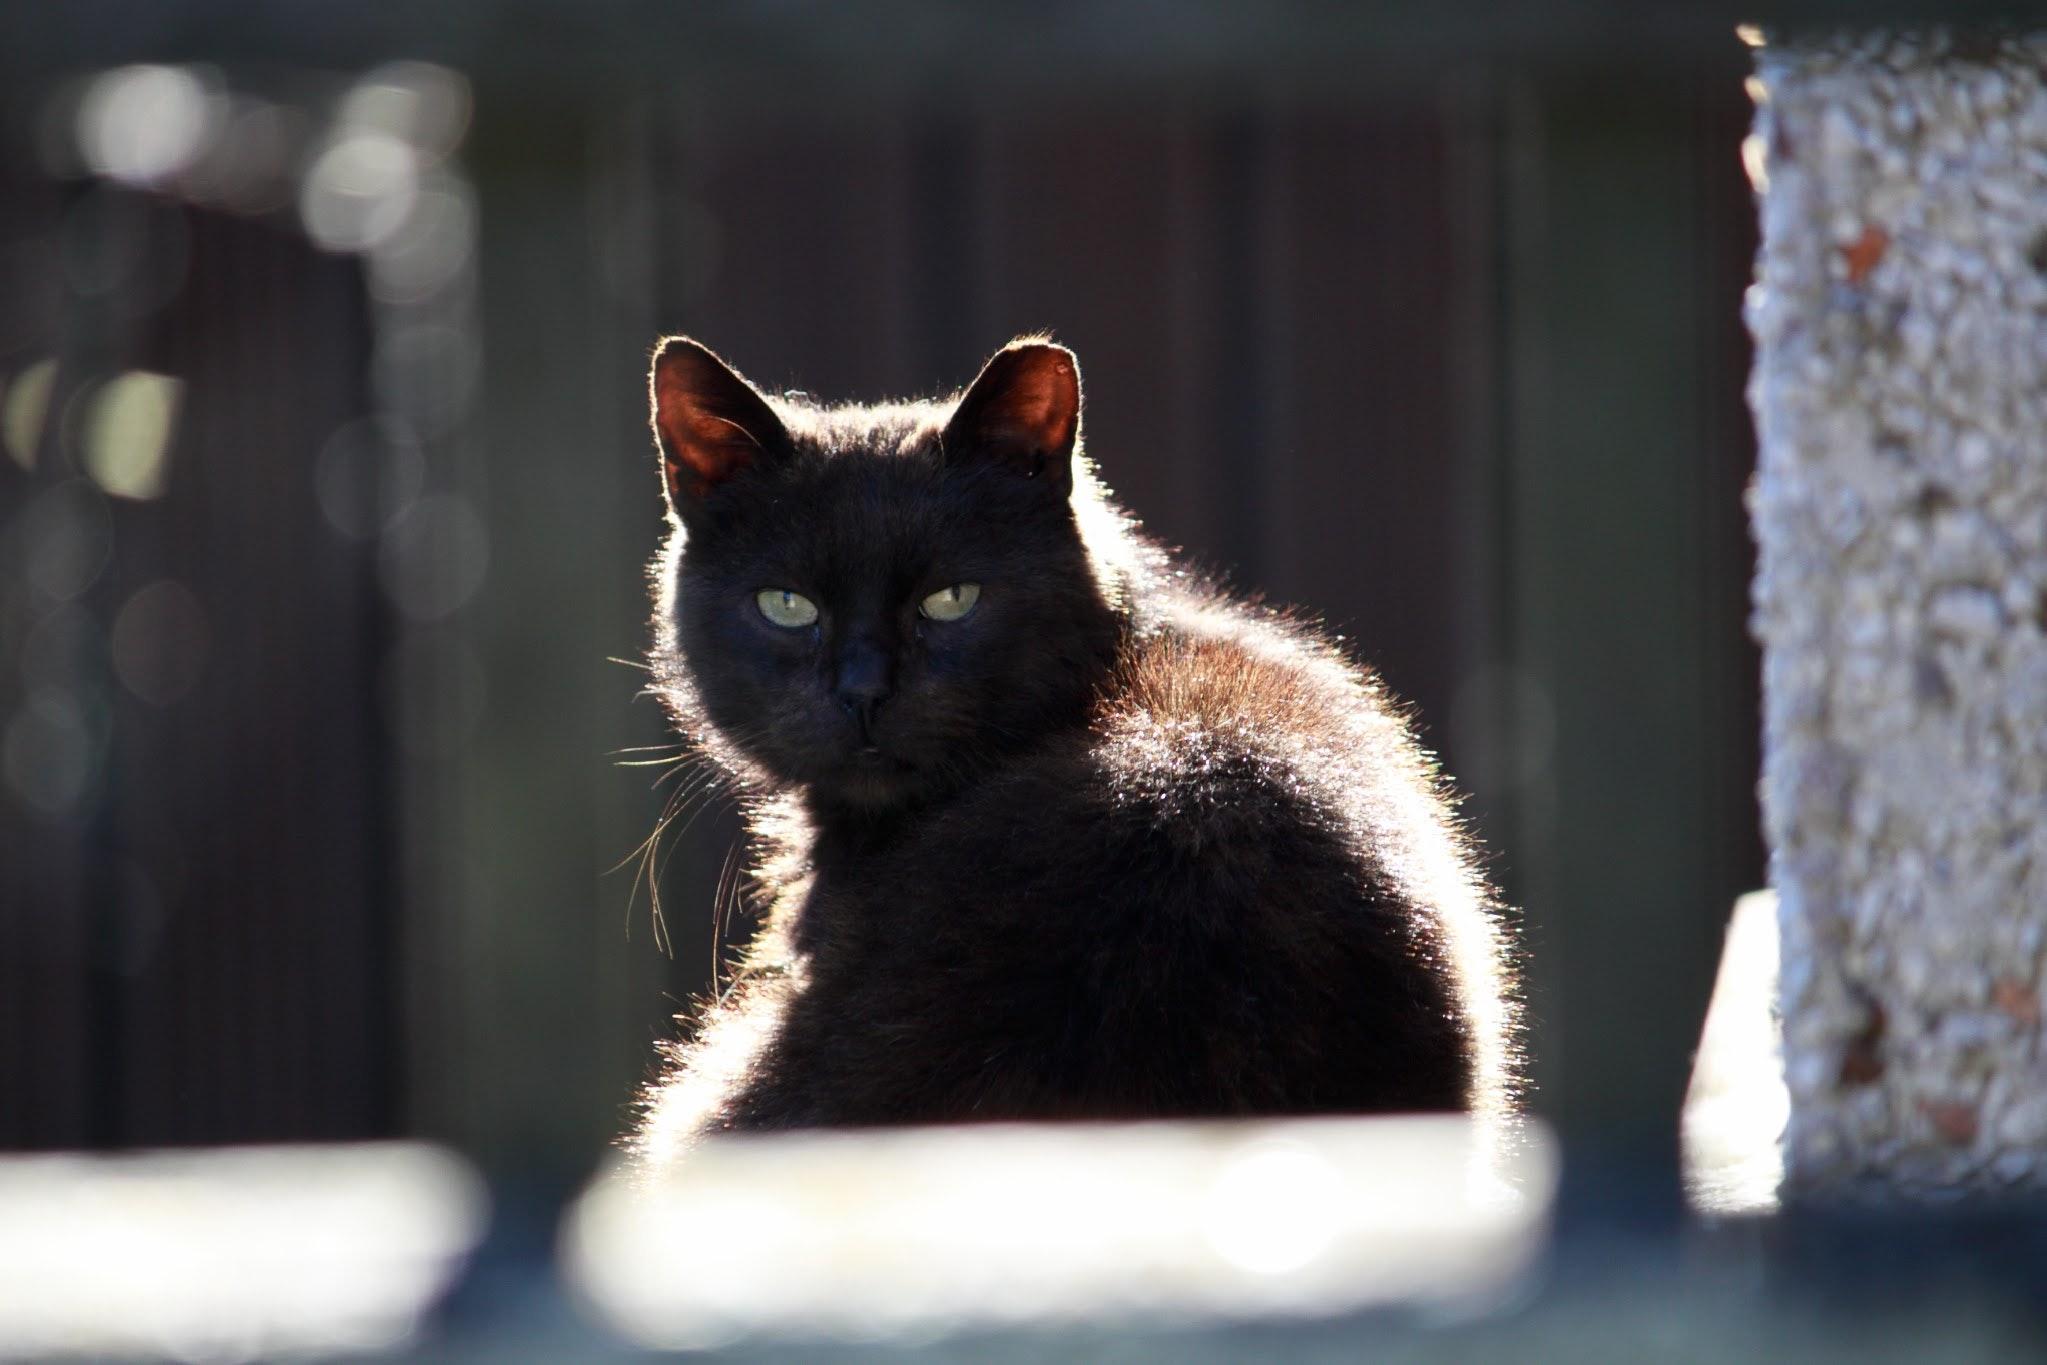 Ảnh đẹp về con mèo đen